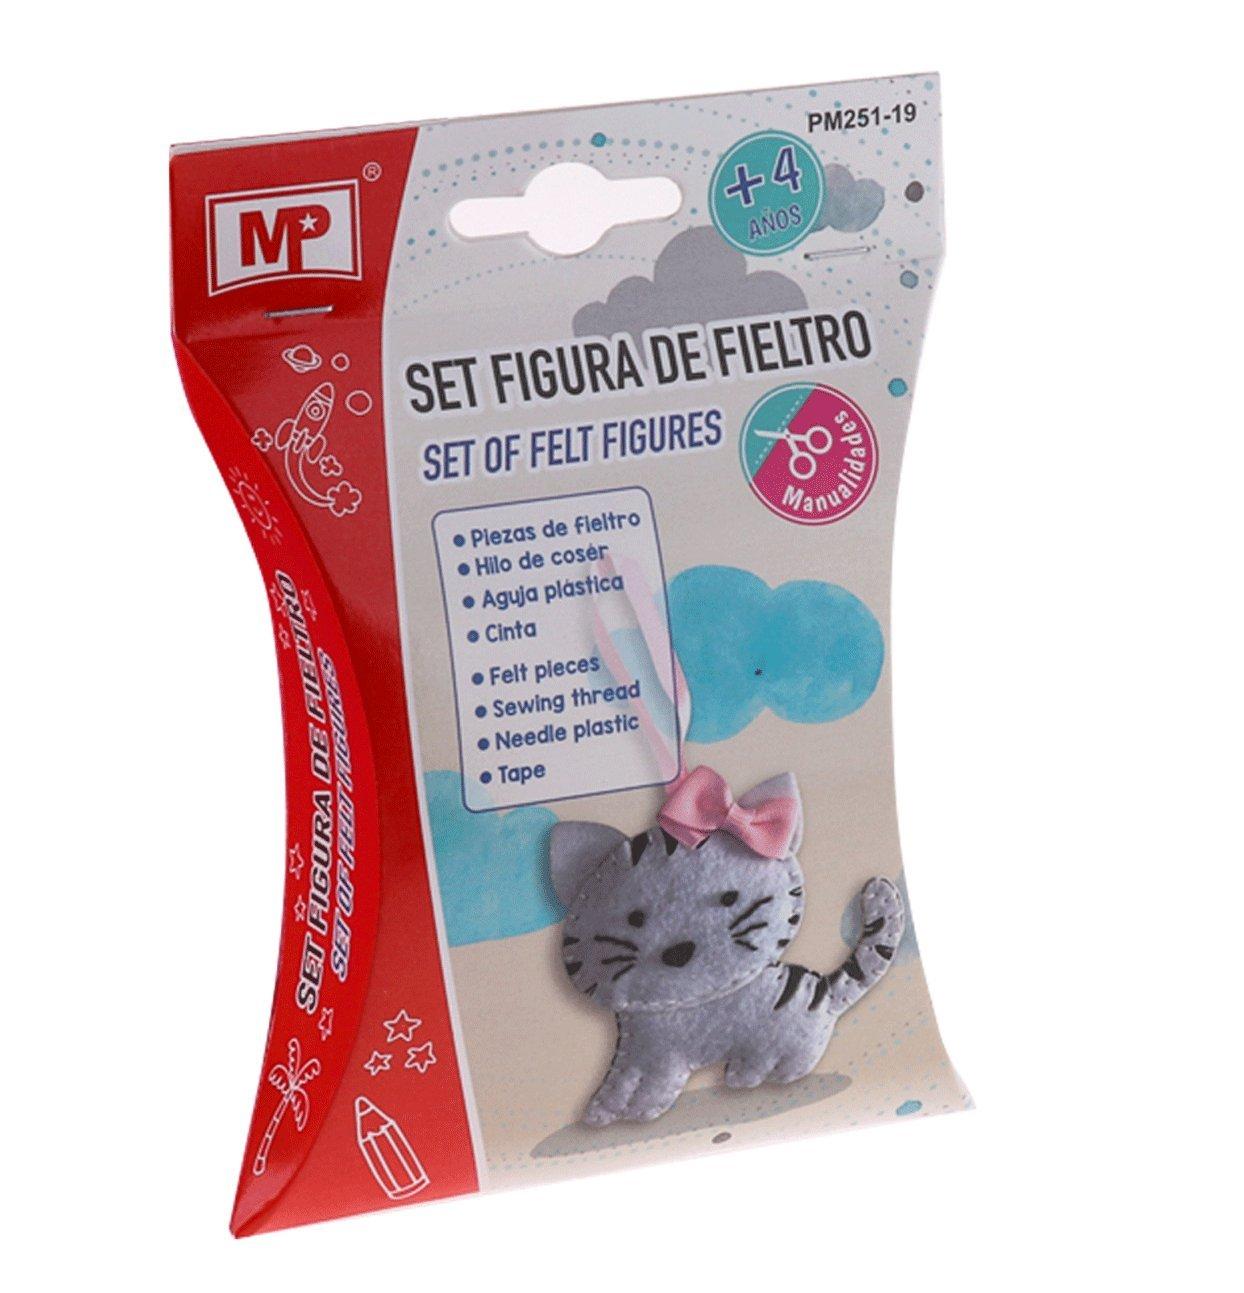 MP Set Figura de Fieltro Gata PM251-19